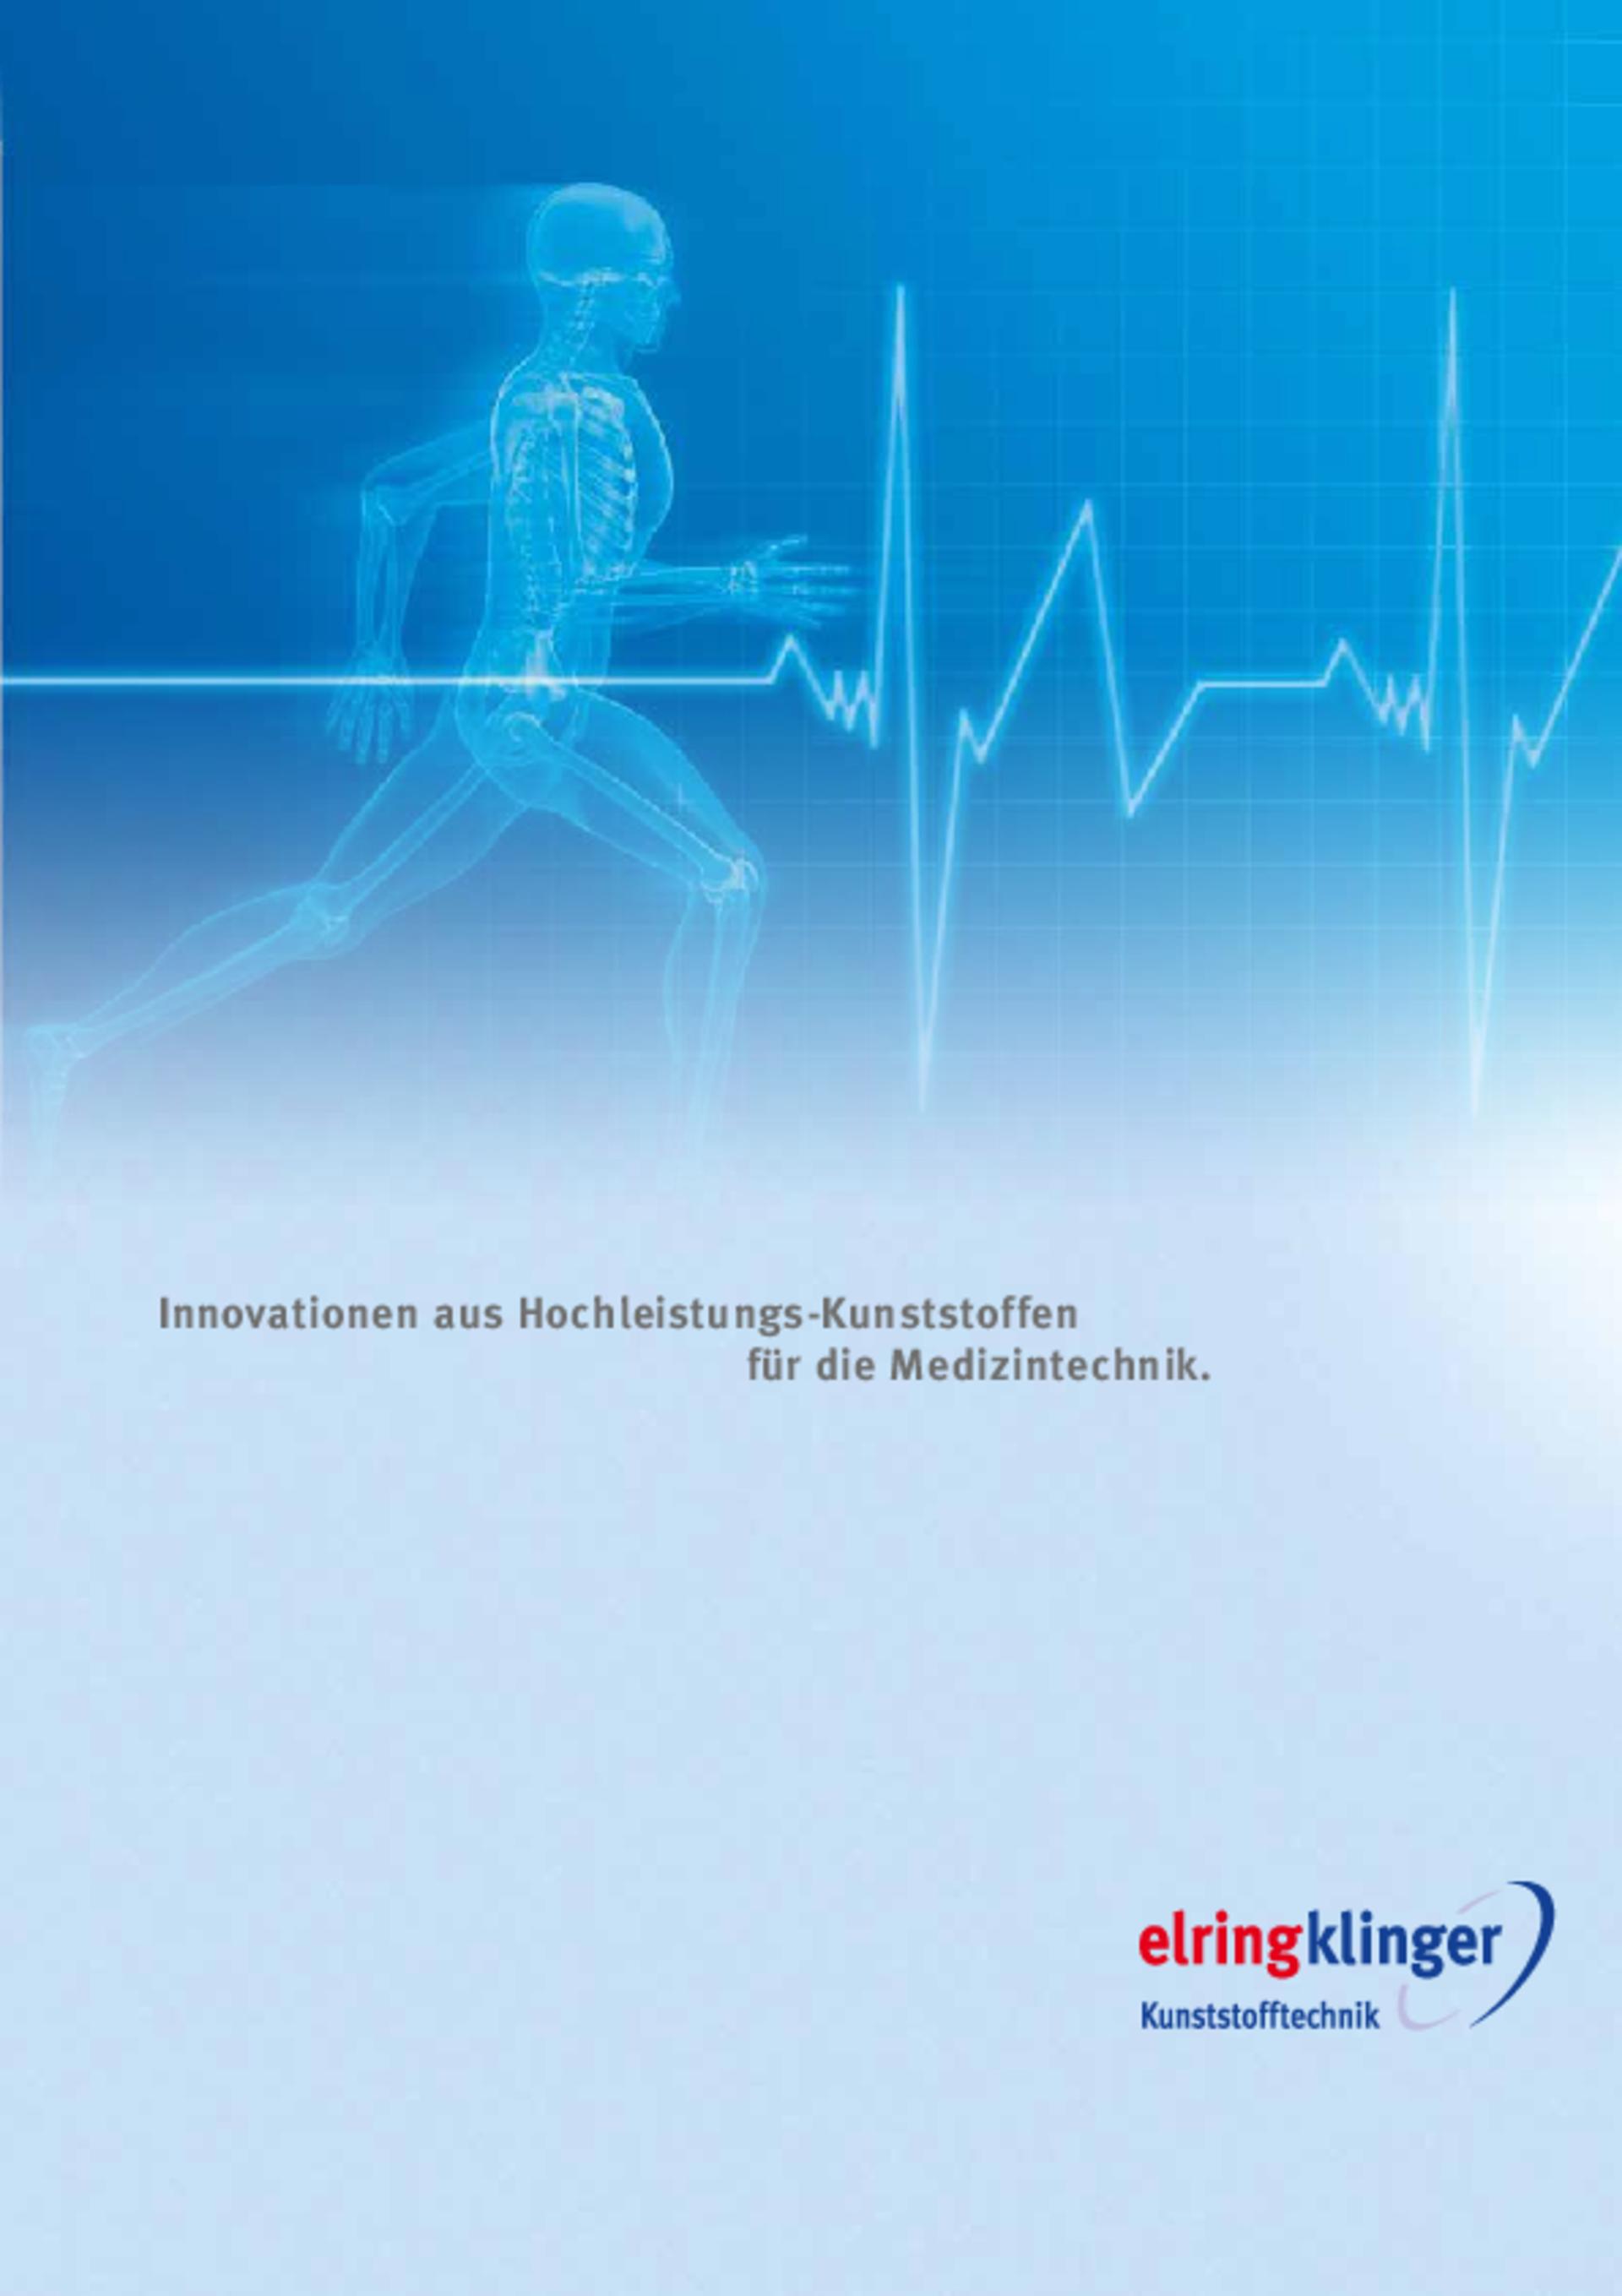 Industry Special Medizintechnik